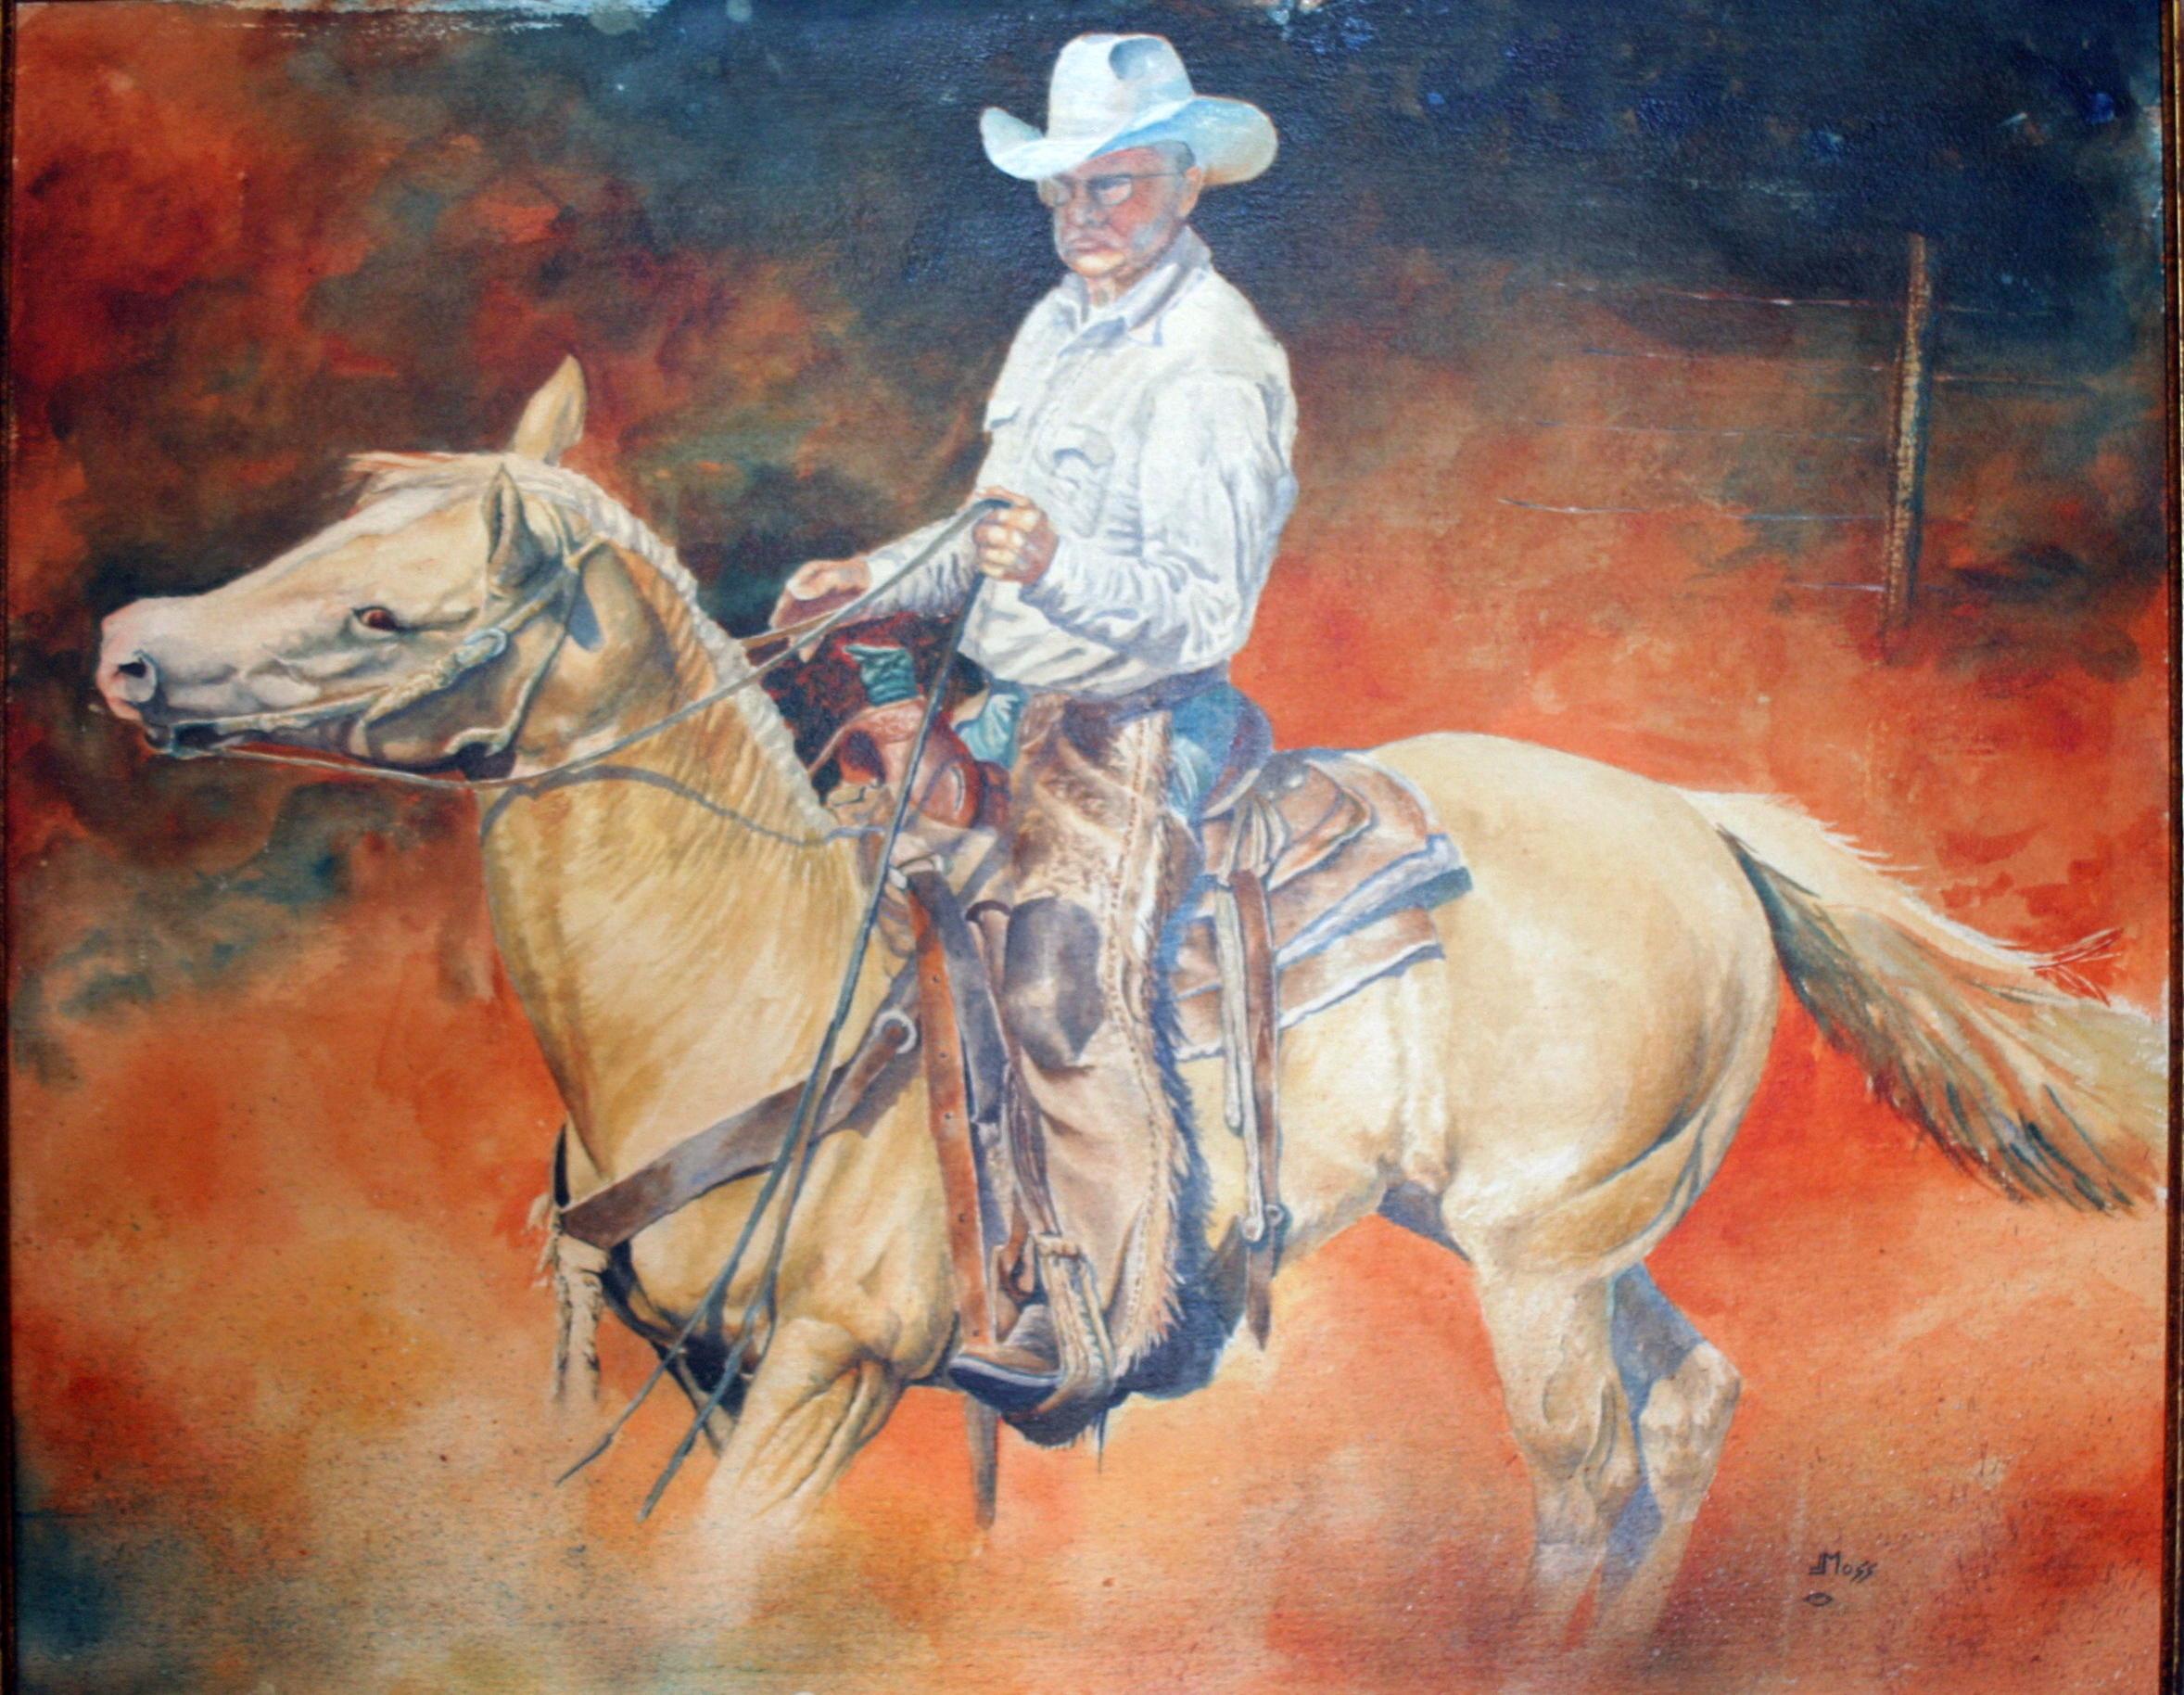 Cowboy Of Llano County